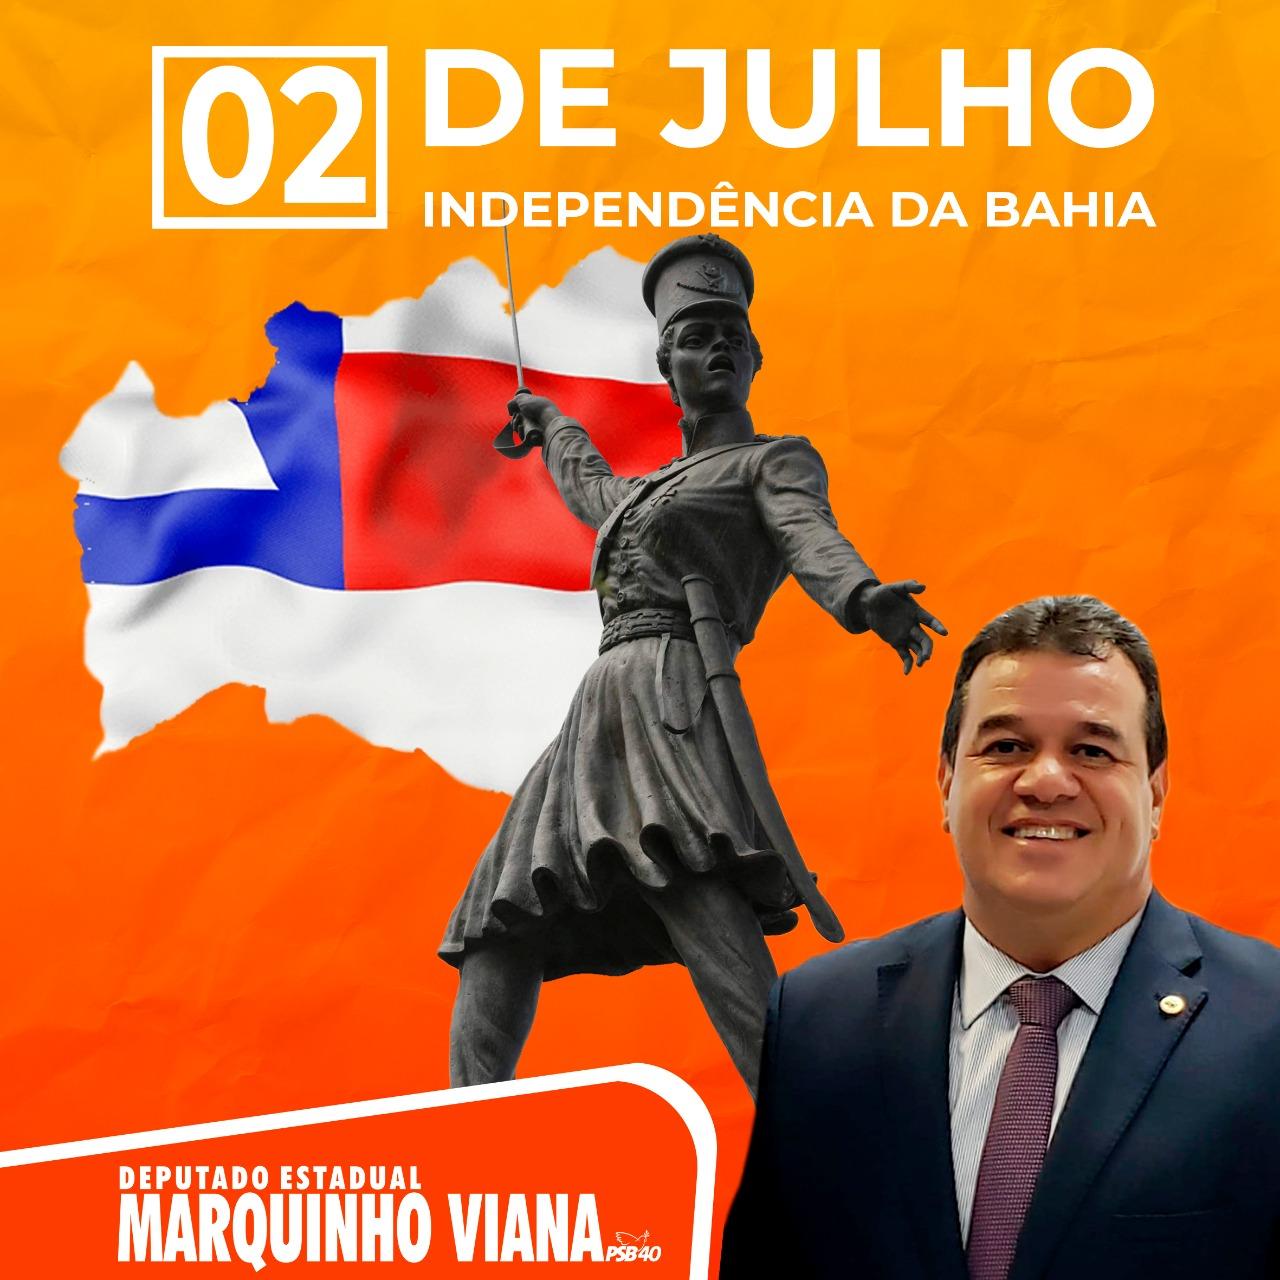 Deputado Marquinho Viana homenageia o 2 de Julho, data da Independência da Bahia